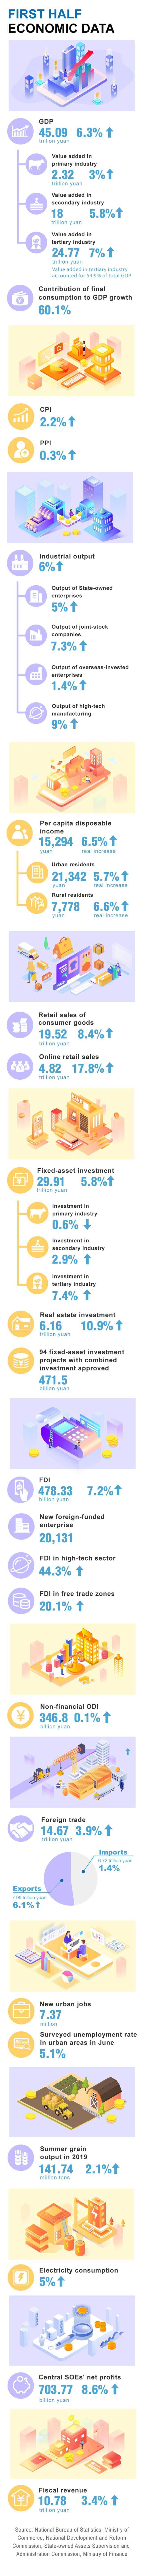 Infografika: China Daily